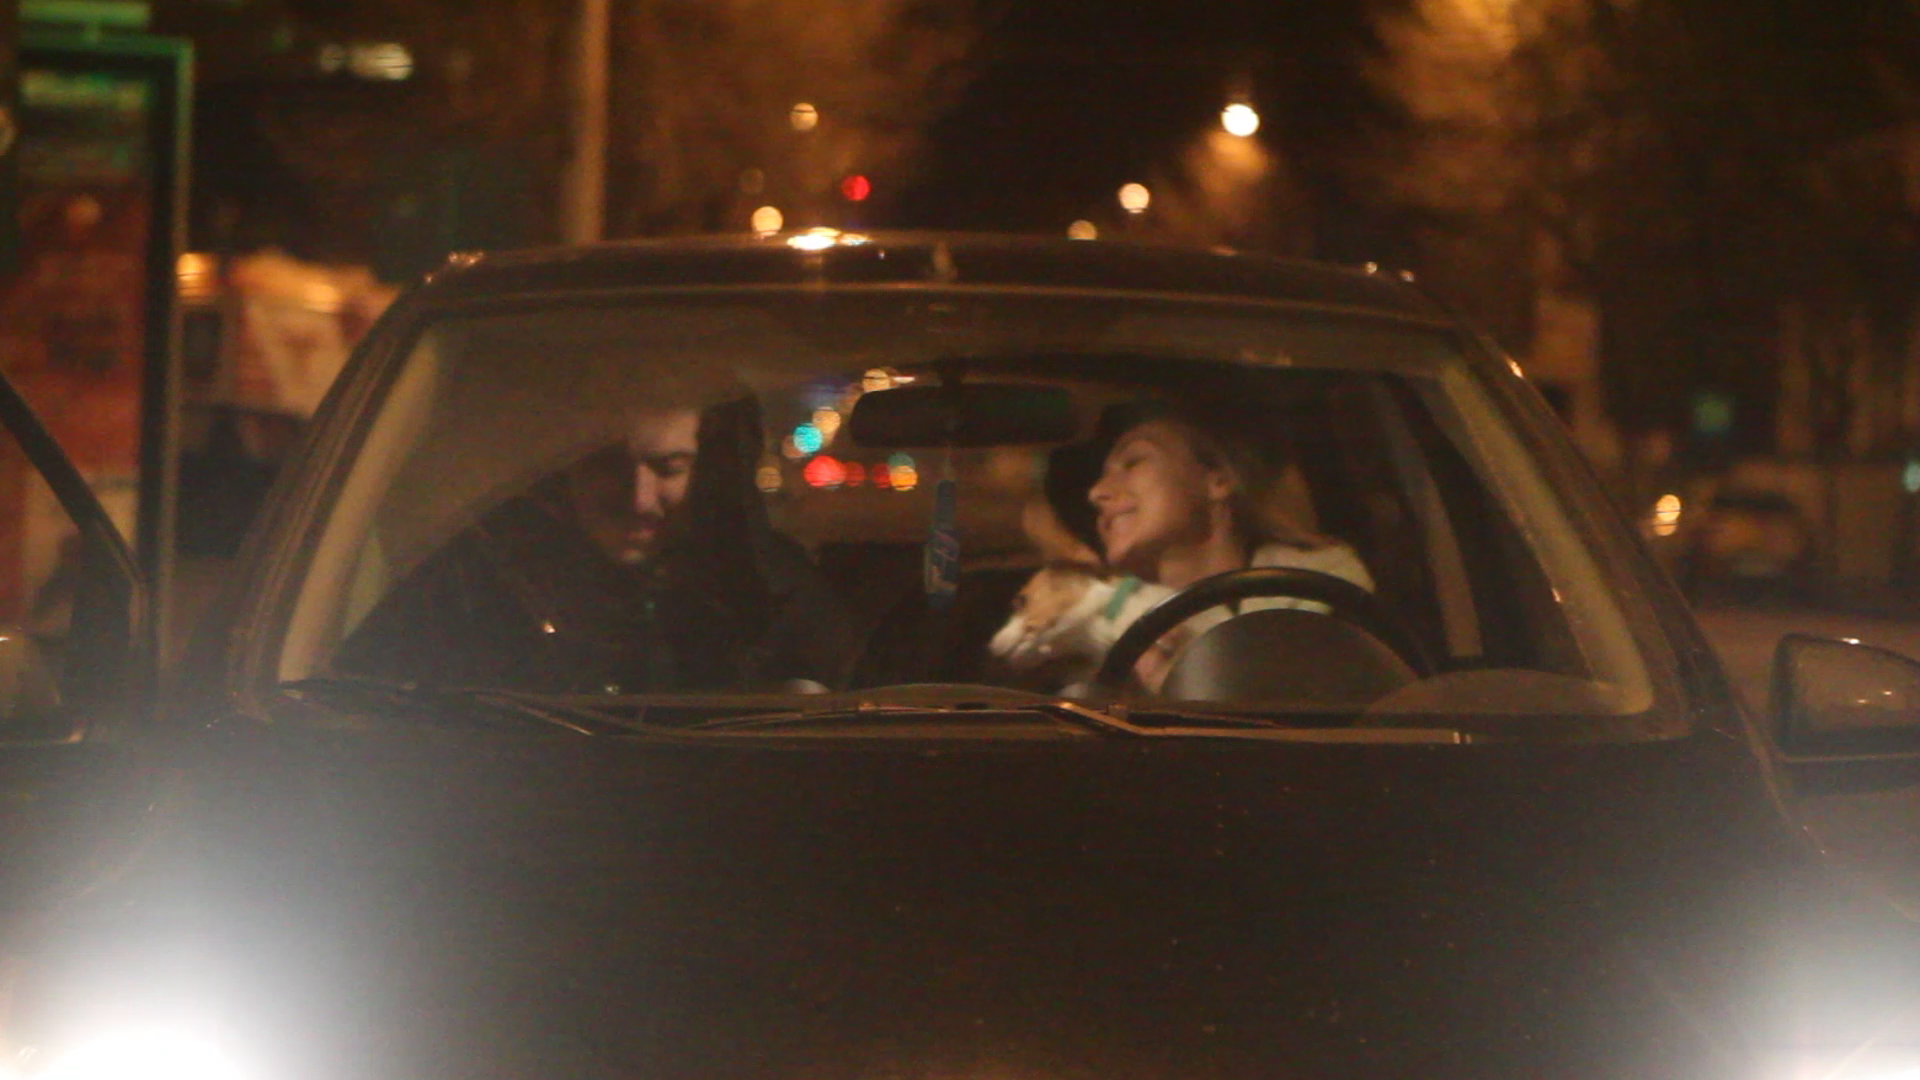 Dupa aproximativ 20 de minute, pe Alex a venit sa-l ia iubita lui, cei doi plecand impreuna